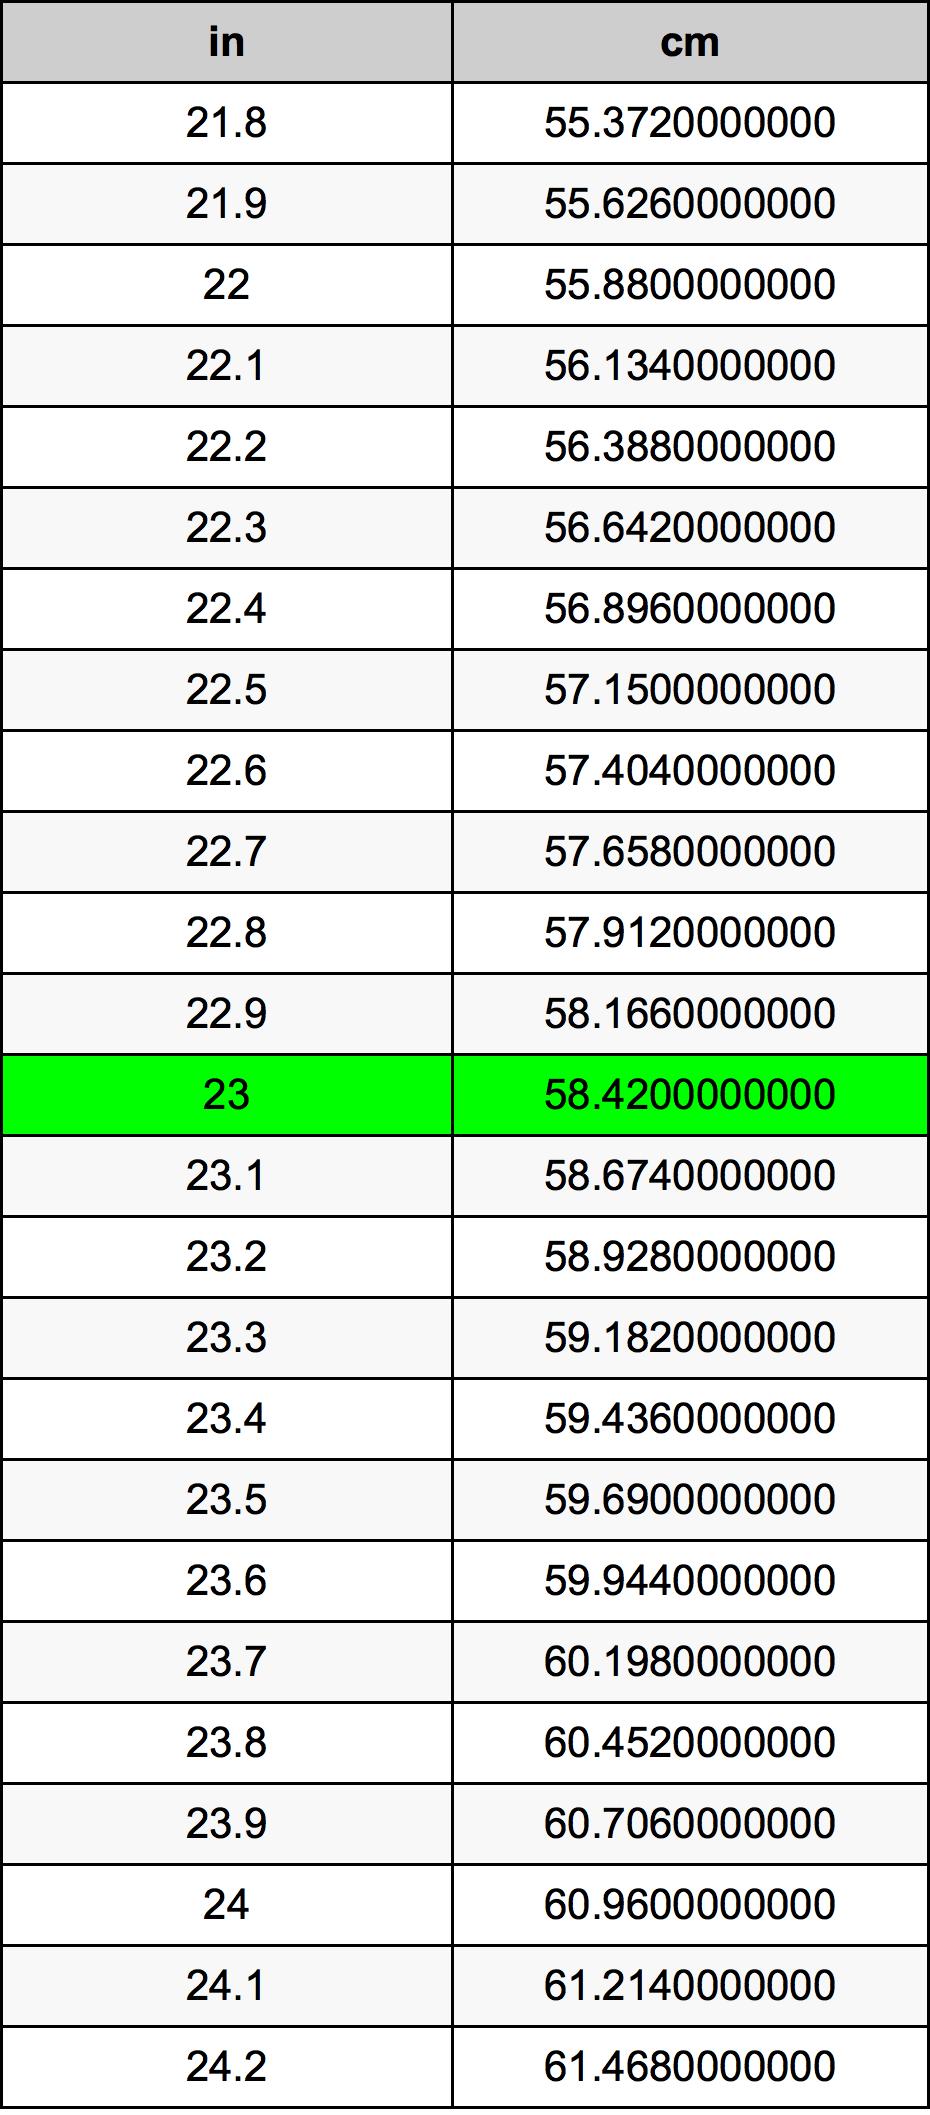 23 Tommer To Centimeter enhedsomregner | 23 in To cm enhedsomregner